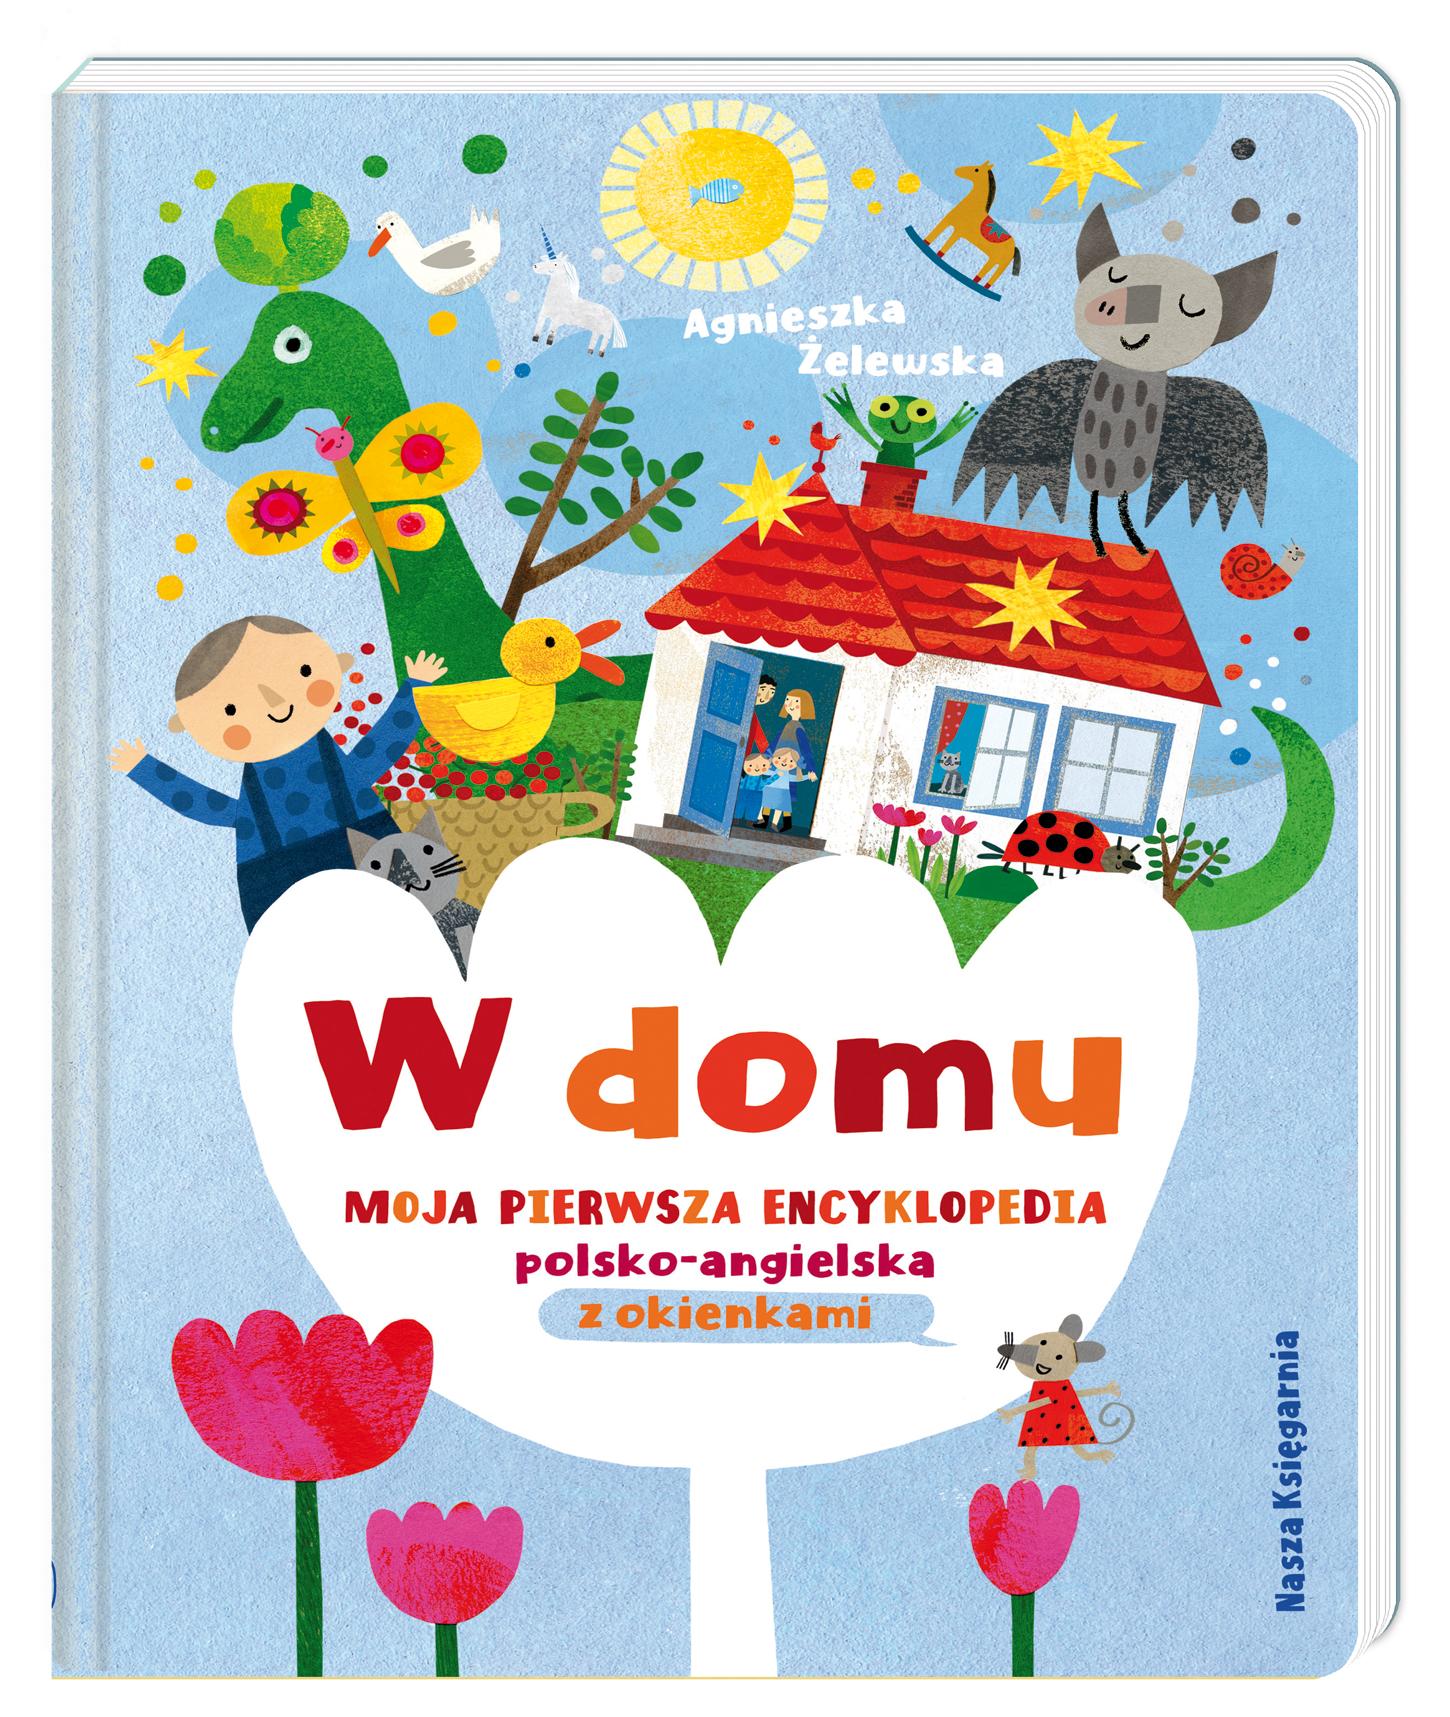 W domu. Moja pierwsza encyklopedia polsko-angielska z okienkami